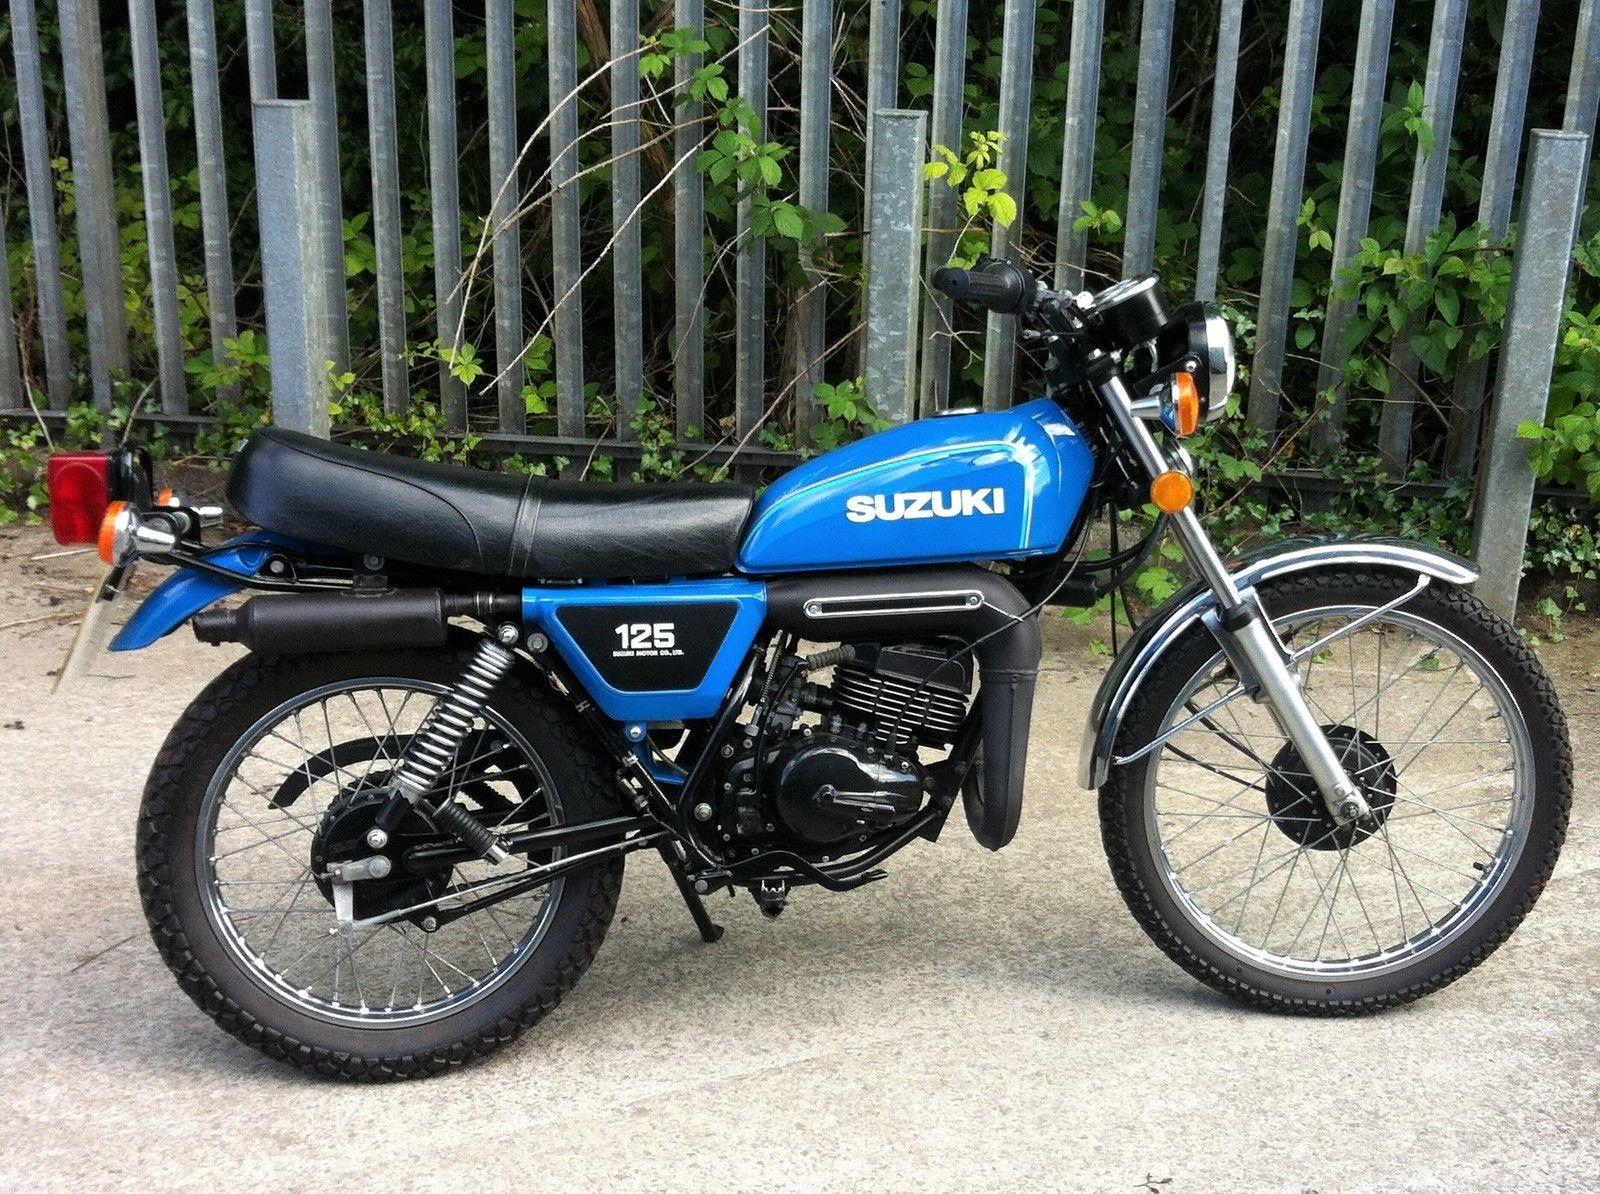 Gorgeous Suzuki Ts125 Genuine Suzuki Hand Grips Price Is 2 495